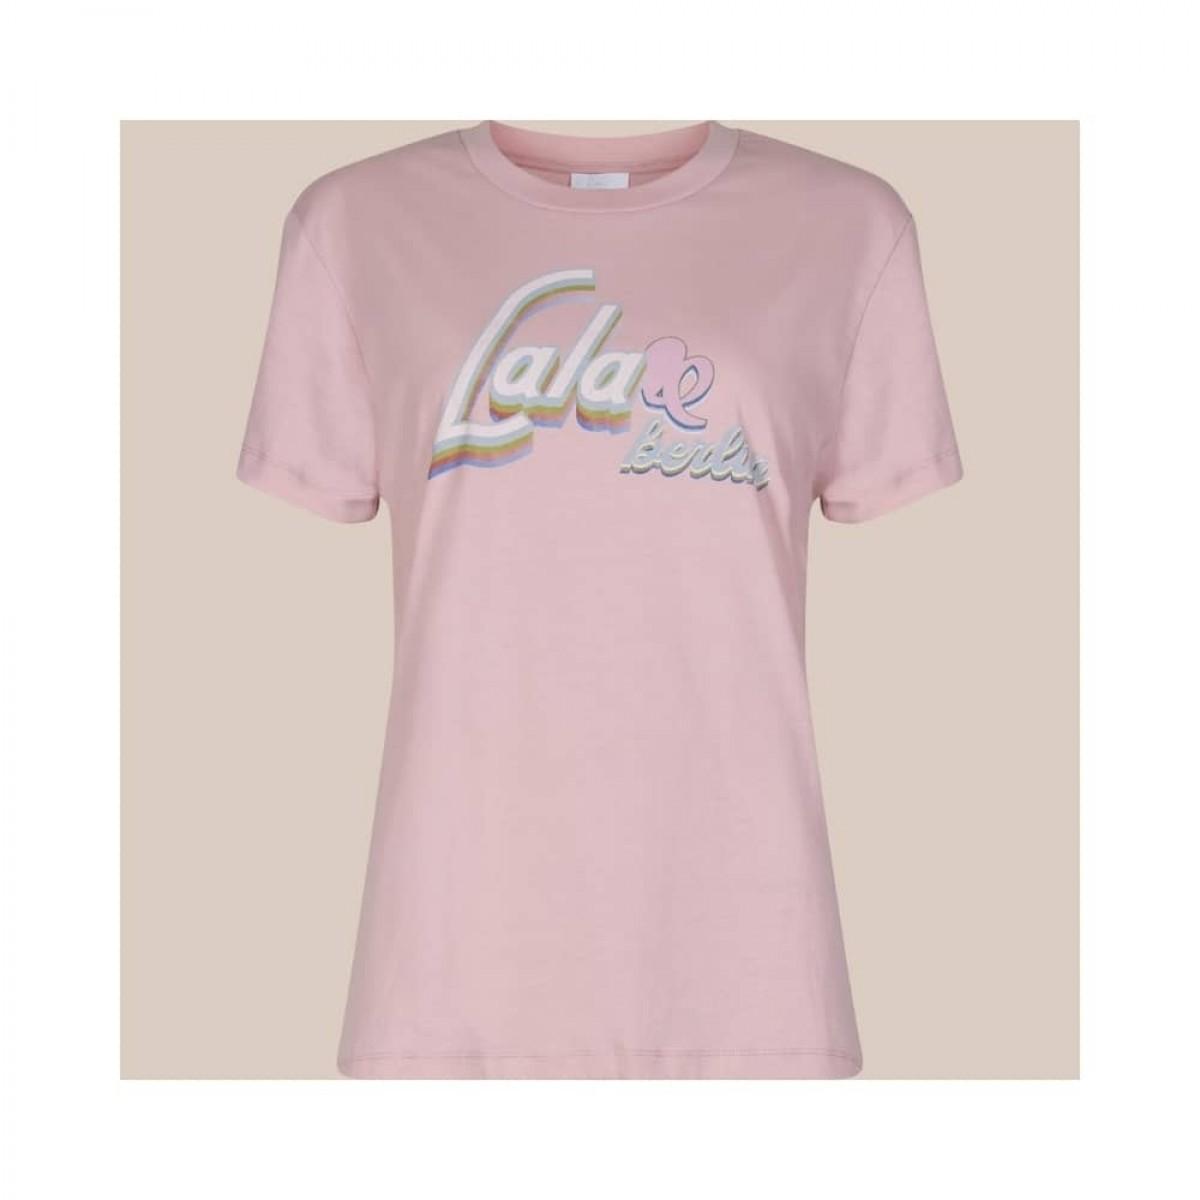 cara t-shirt - pink - front